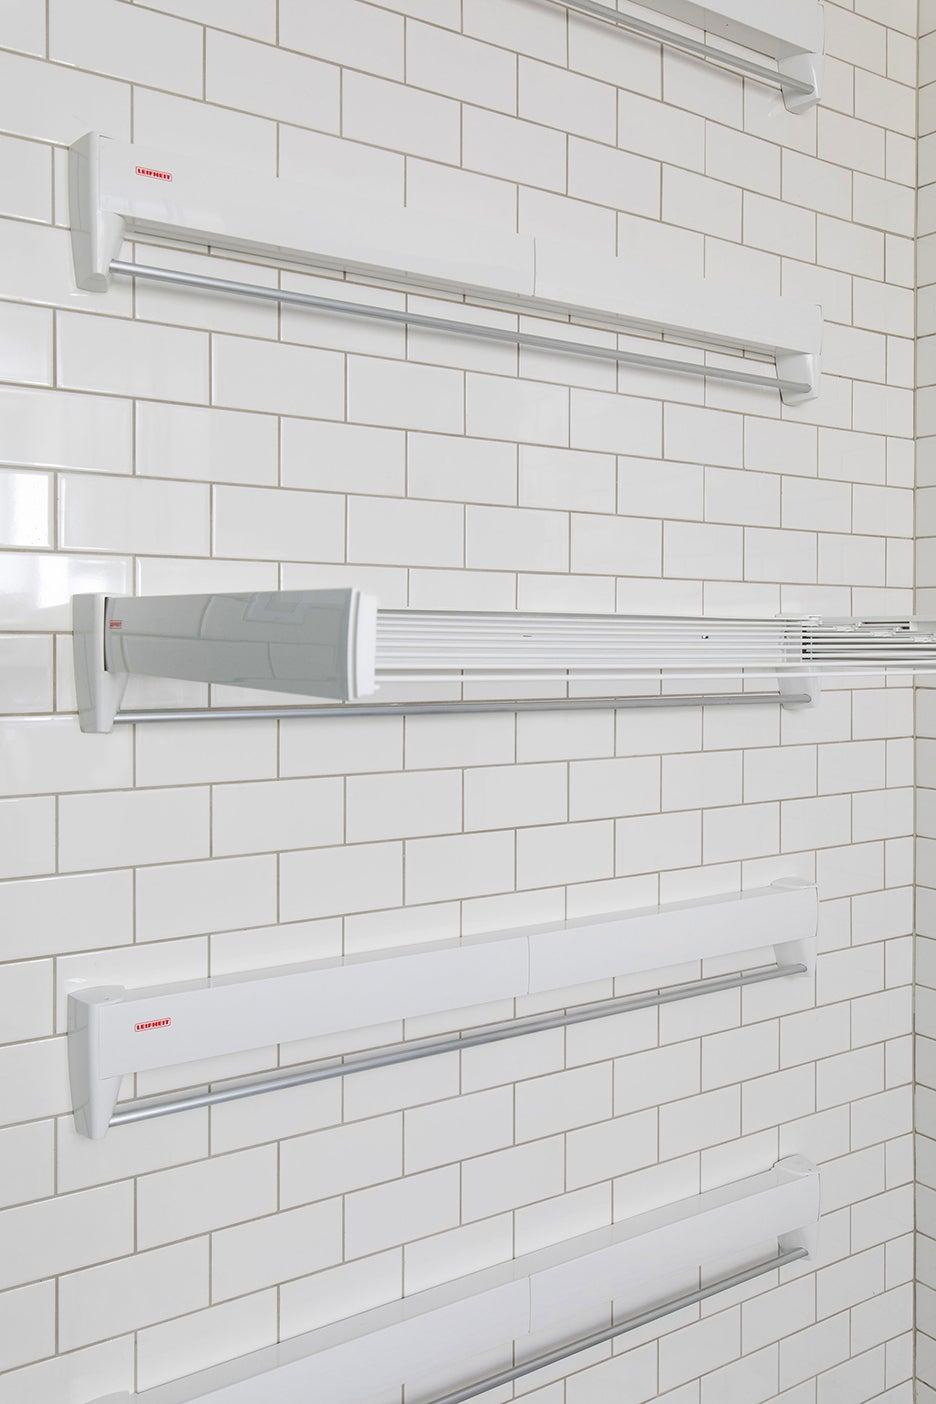 white mounted hanging racks